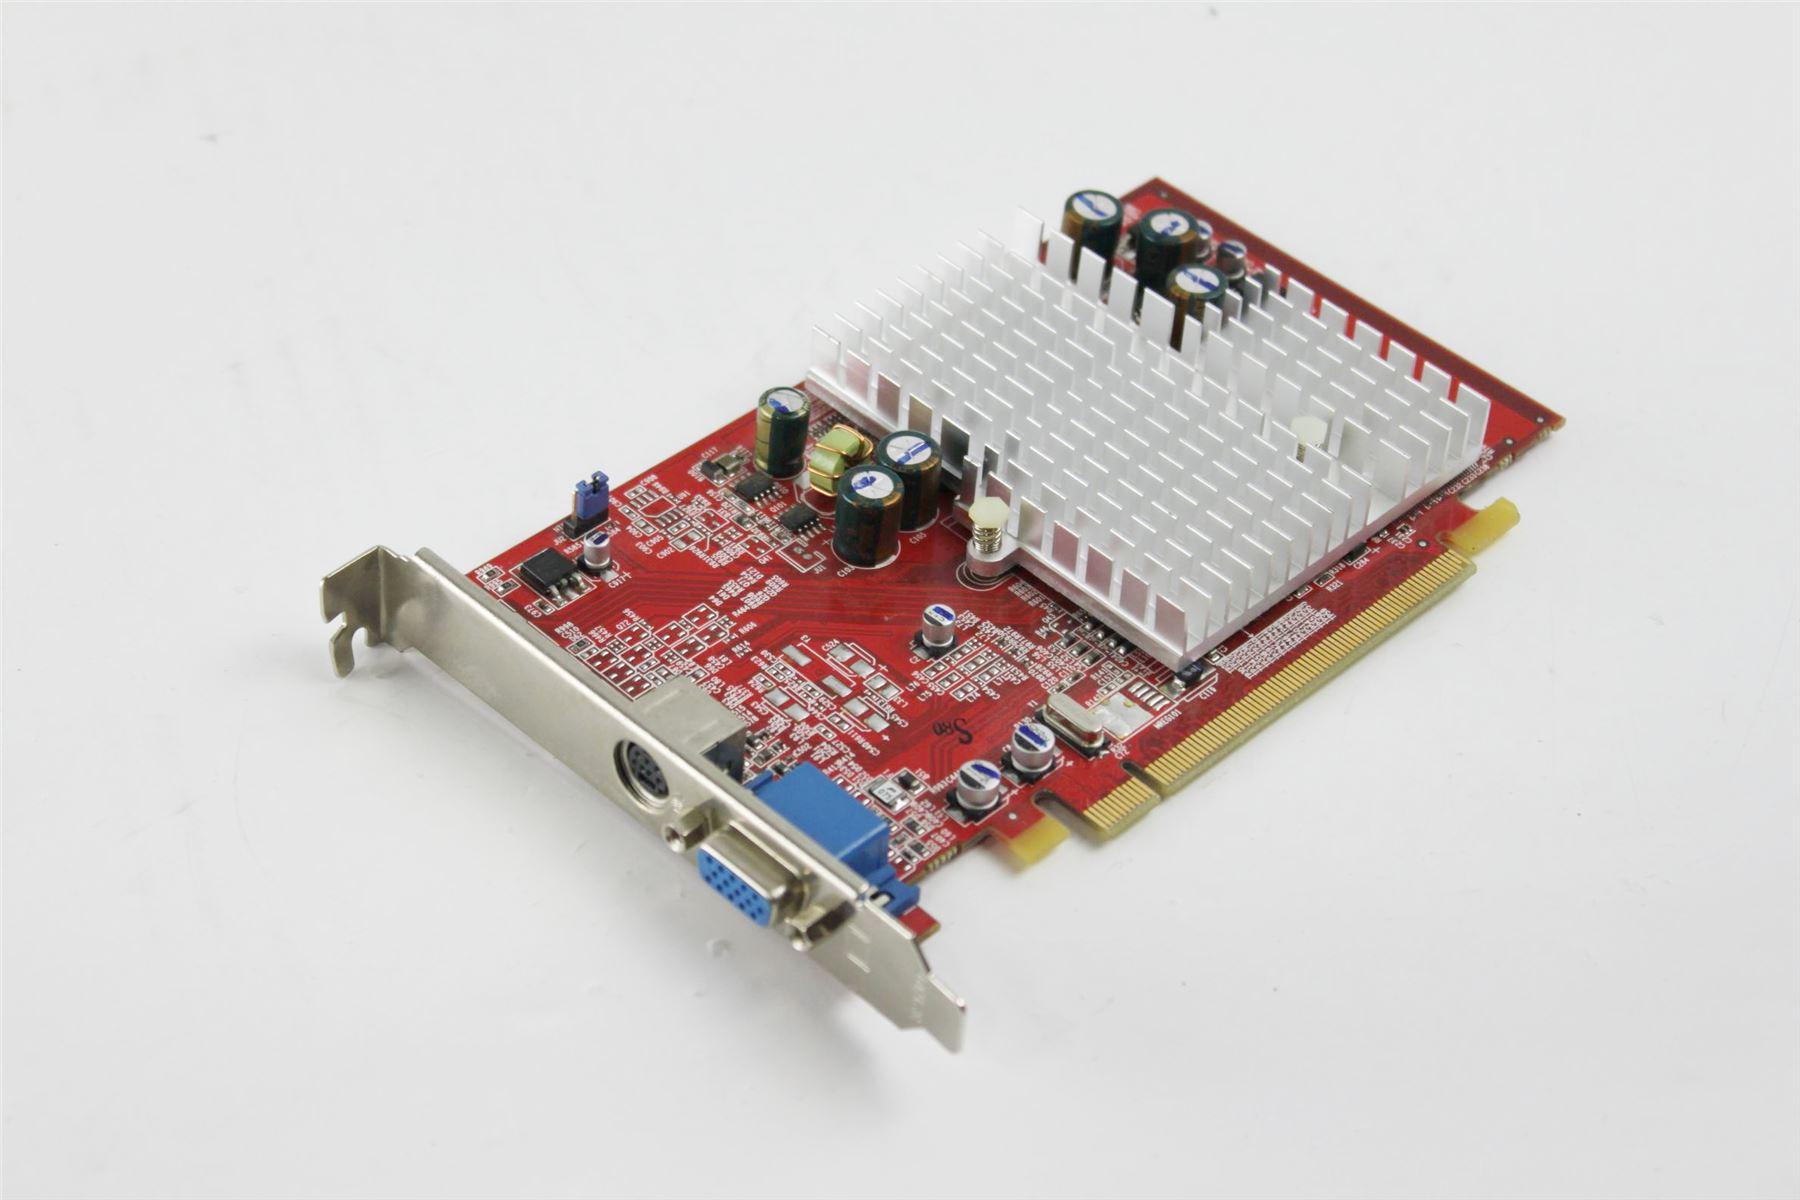 ATI 256MB RADEON X600 DRIVERS FOR MAC